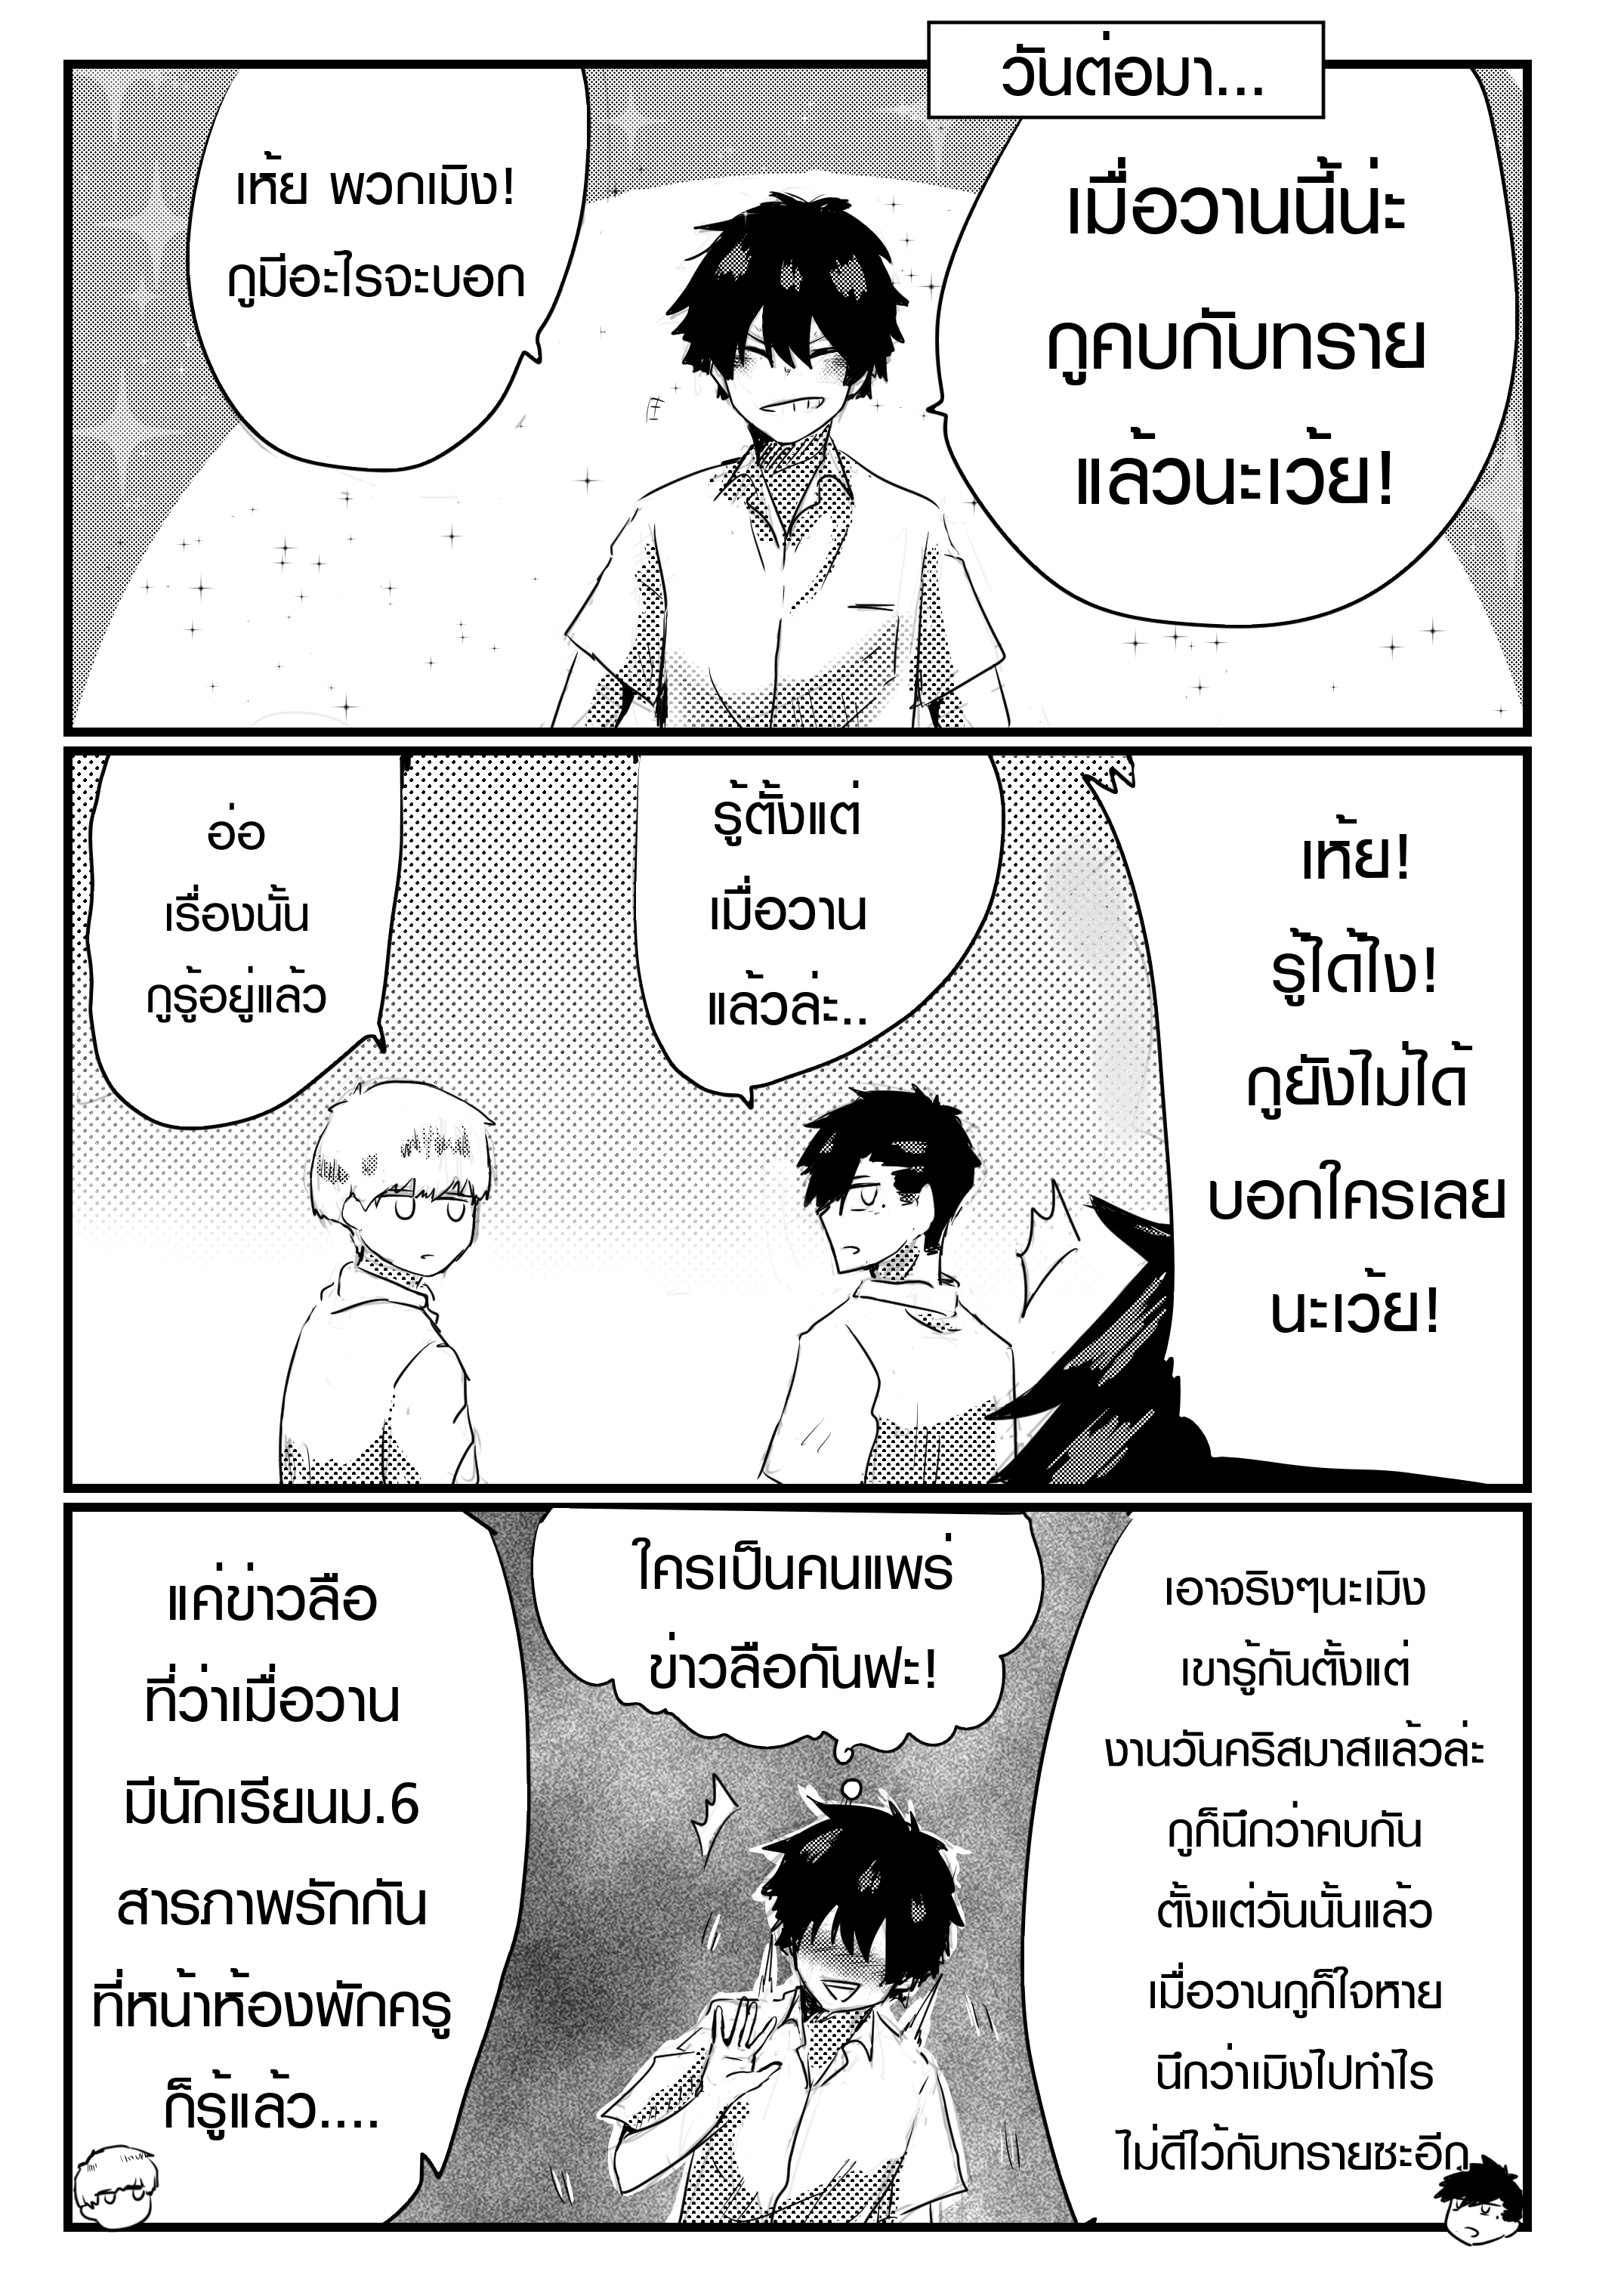 ep.24 - ข่าวลือ